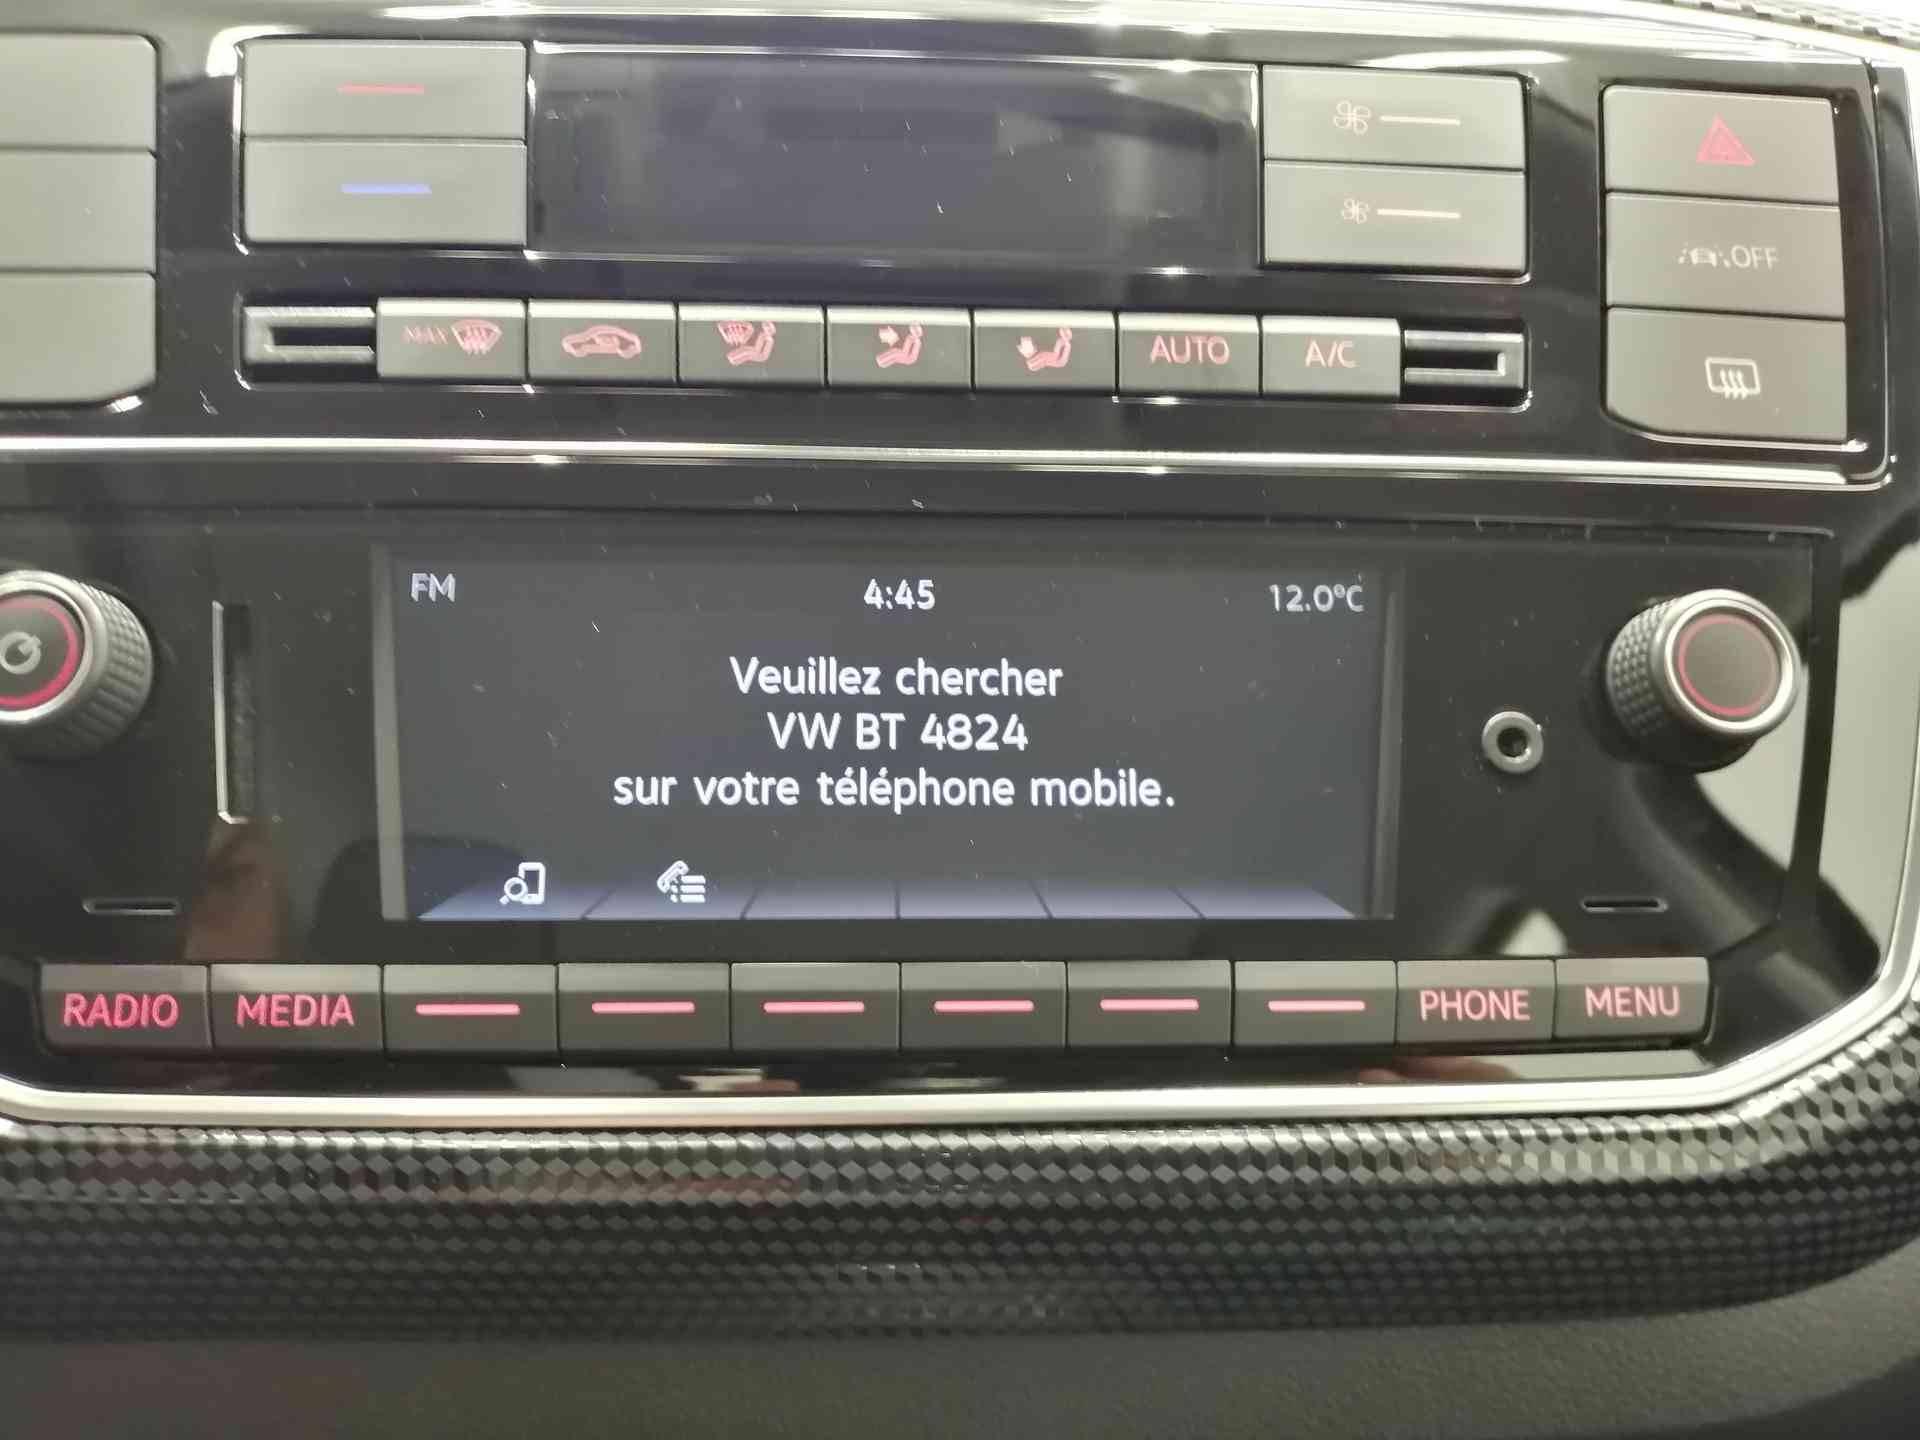 VOLKSWAGEN E-UP! 2.0